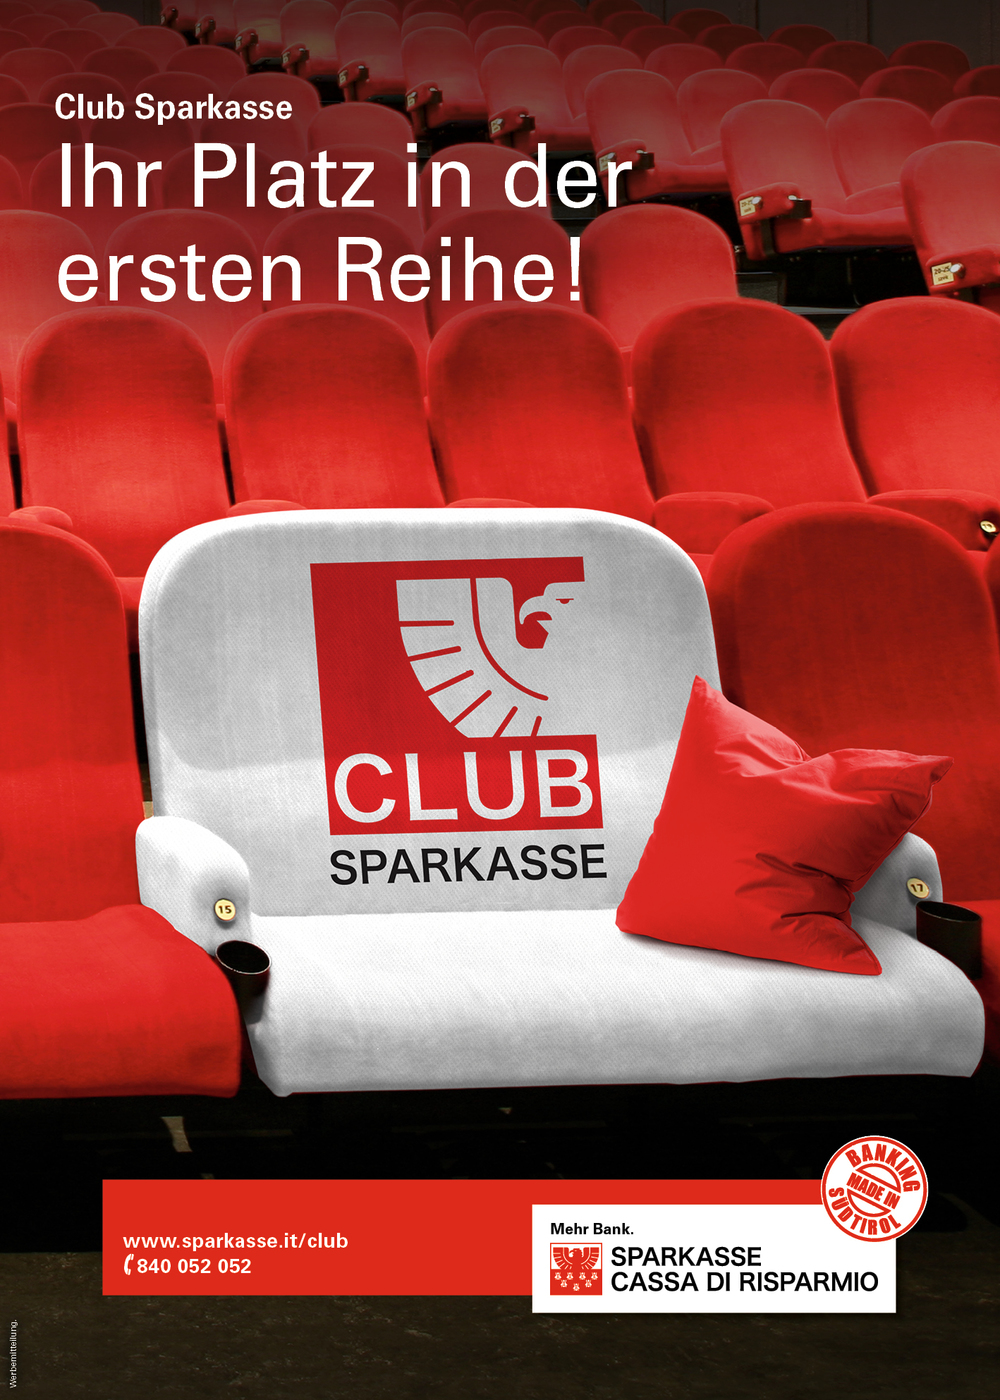 club_sparkasse_poster.jpg